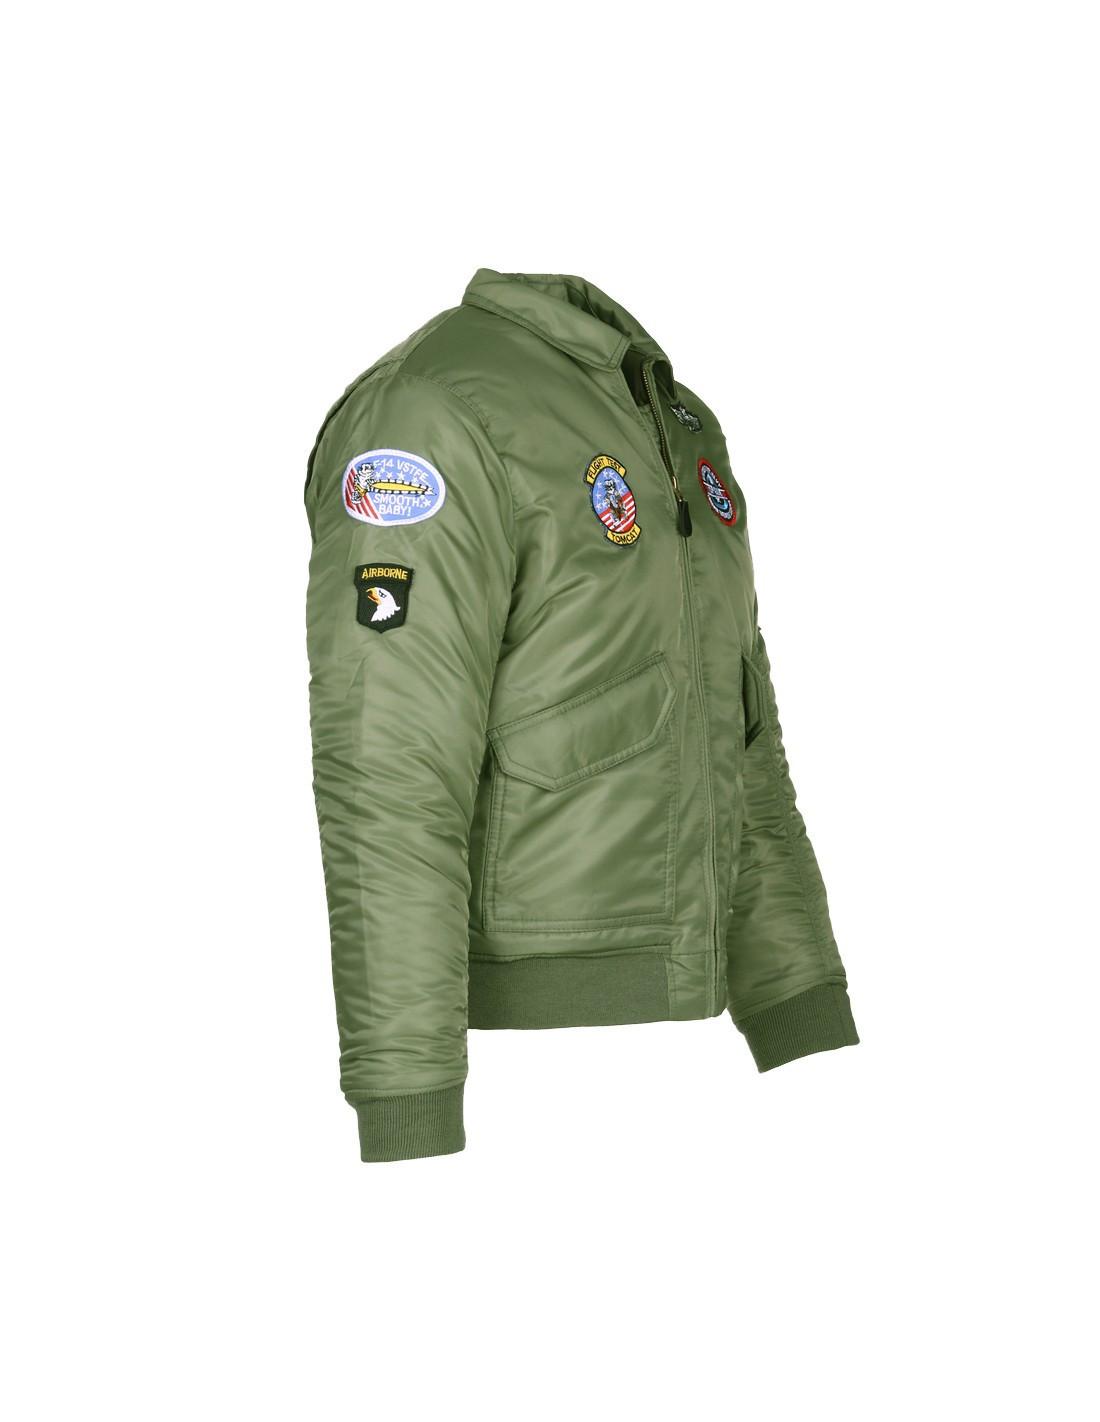 promo code 0b305 d21ef Giacca Bomber Militare B-52 imbottito da bambino con toppe ...